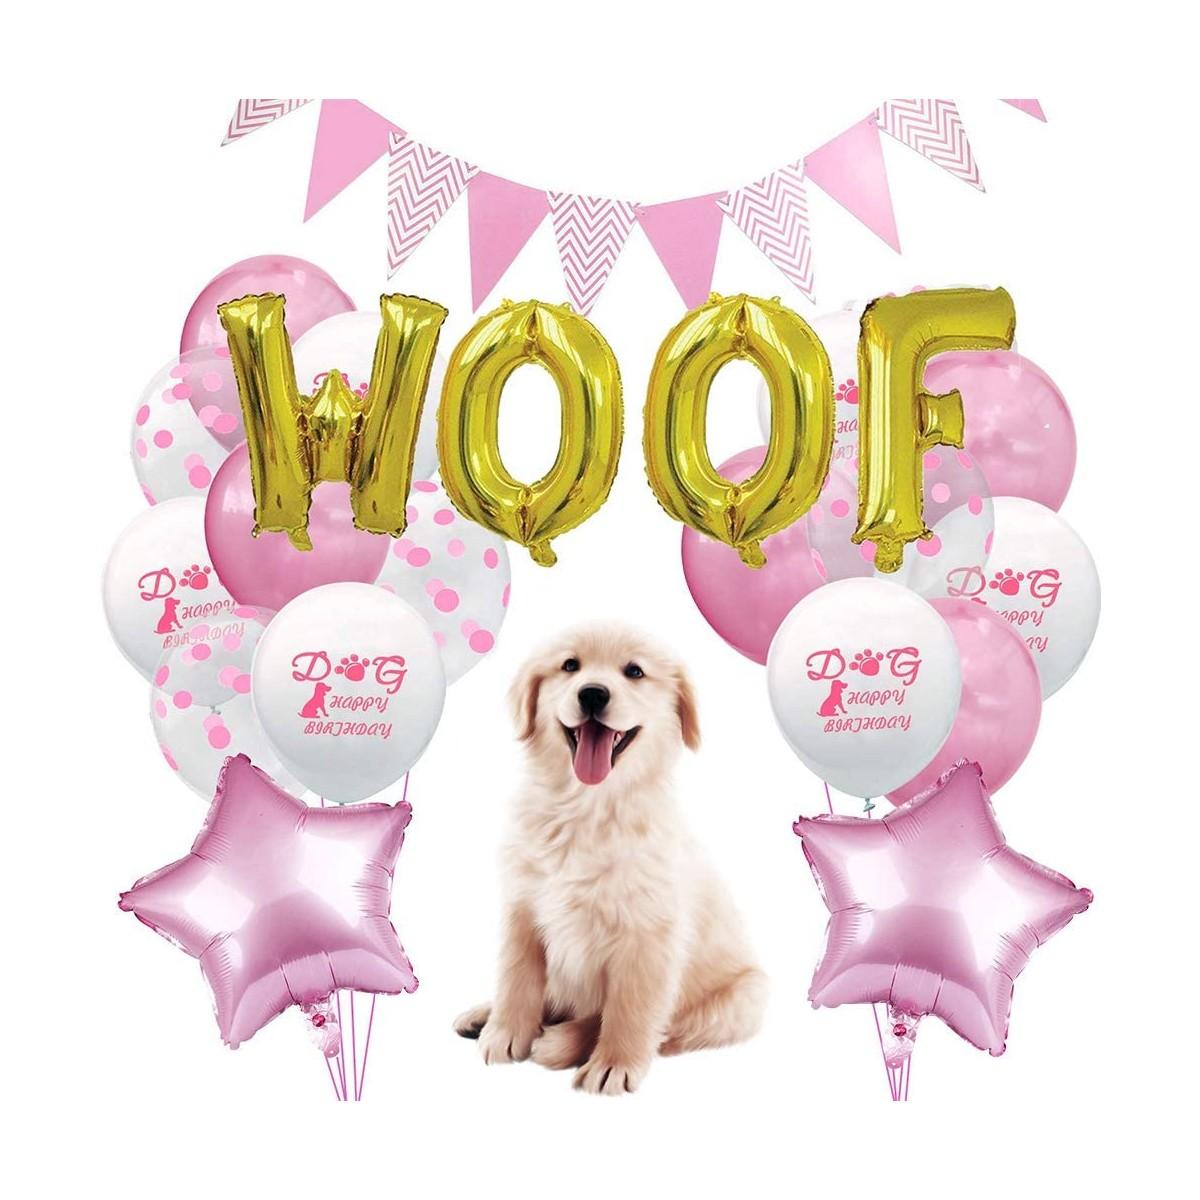 Set compleanno rosa per cagnoline, con palloncini e addobbi